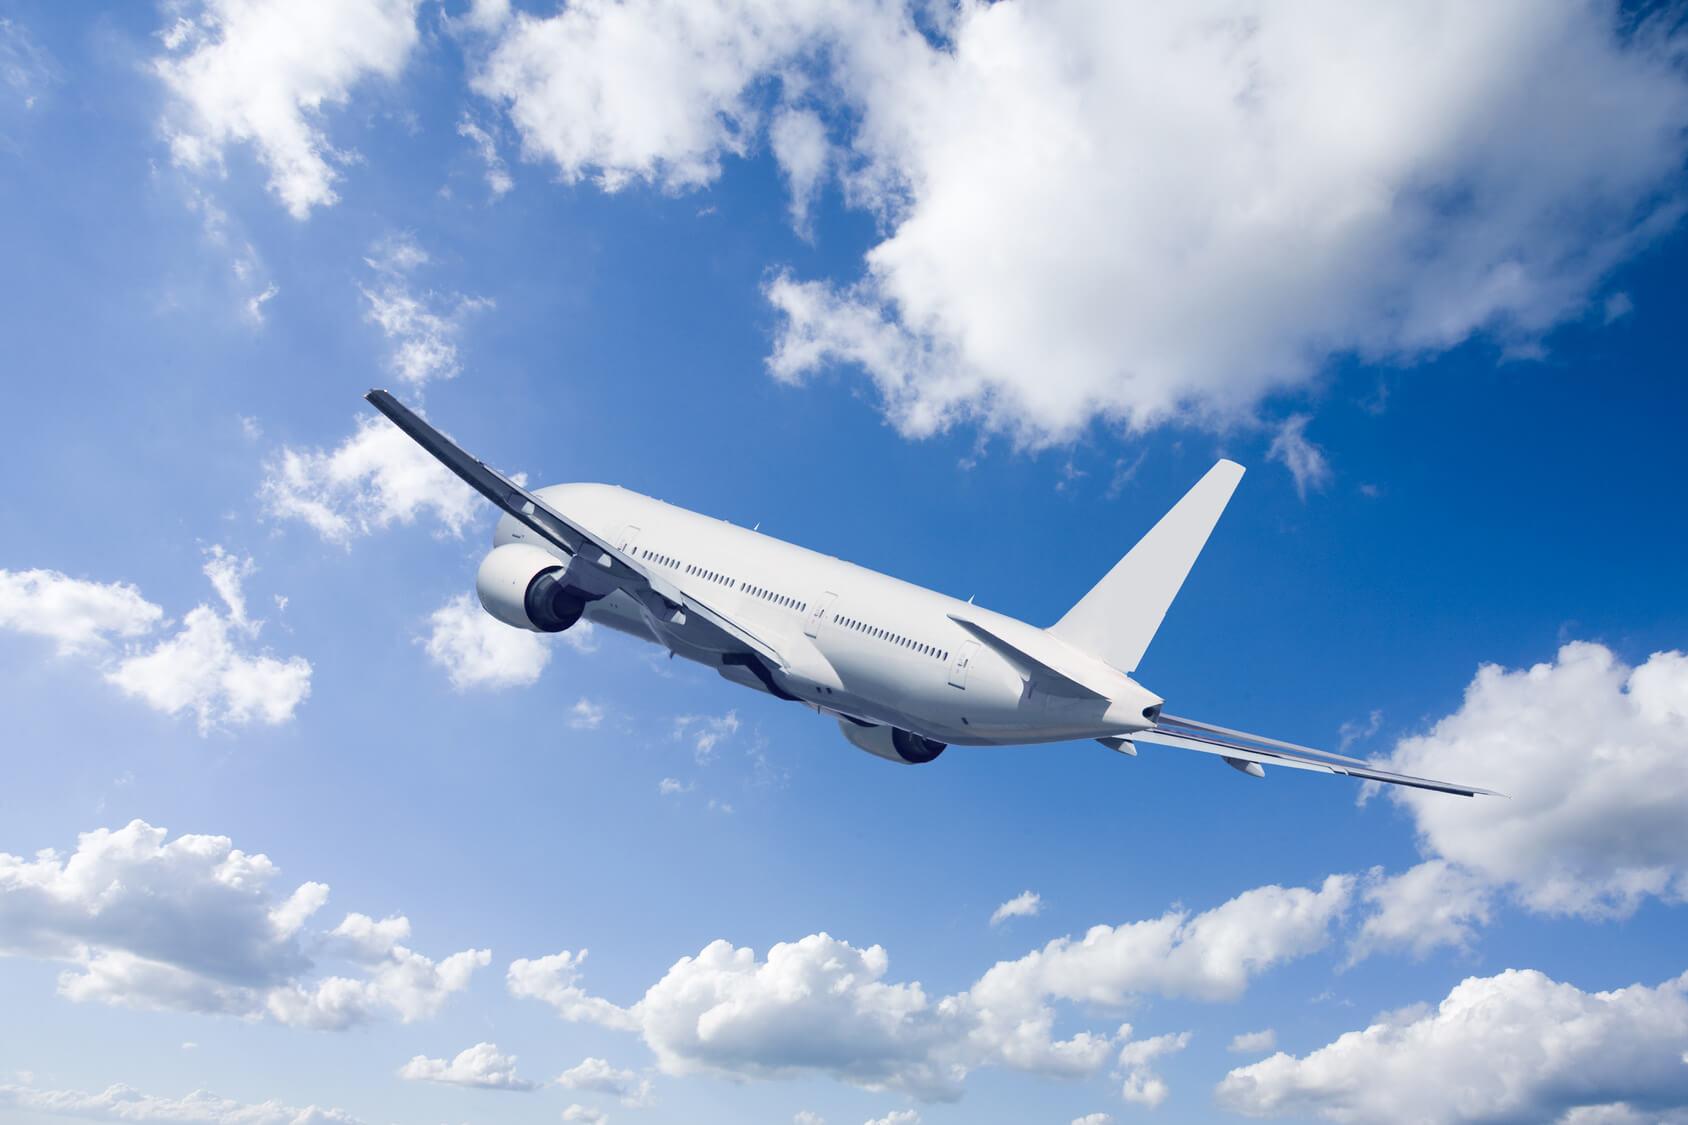 飛行機が空を飛んでいる写真